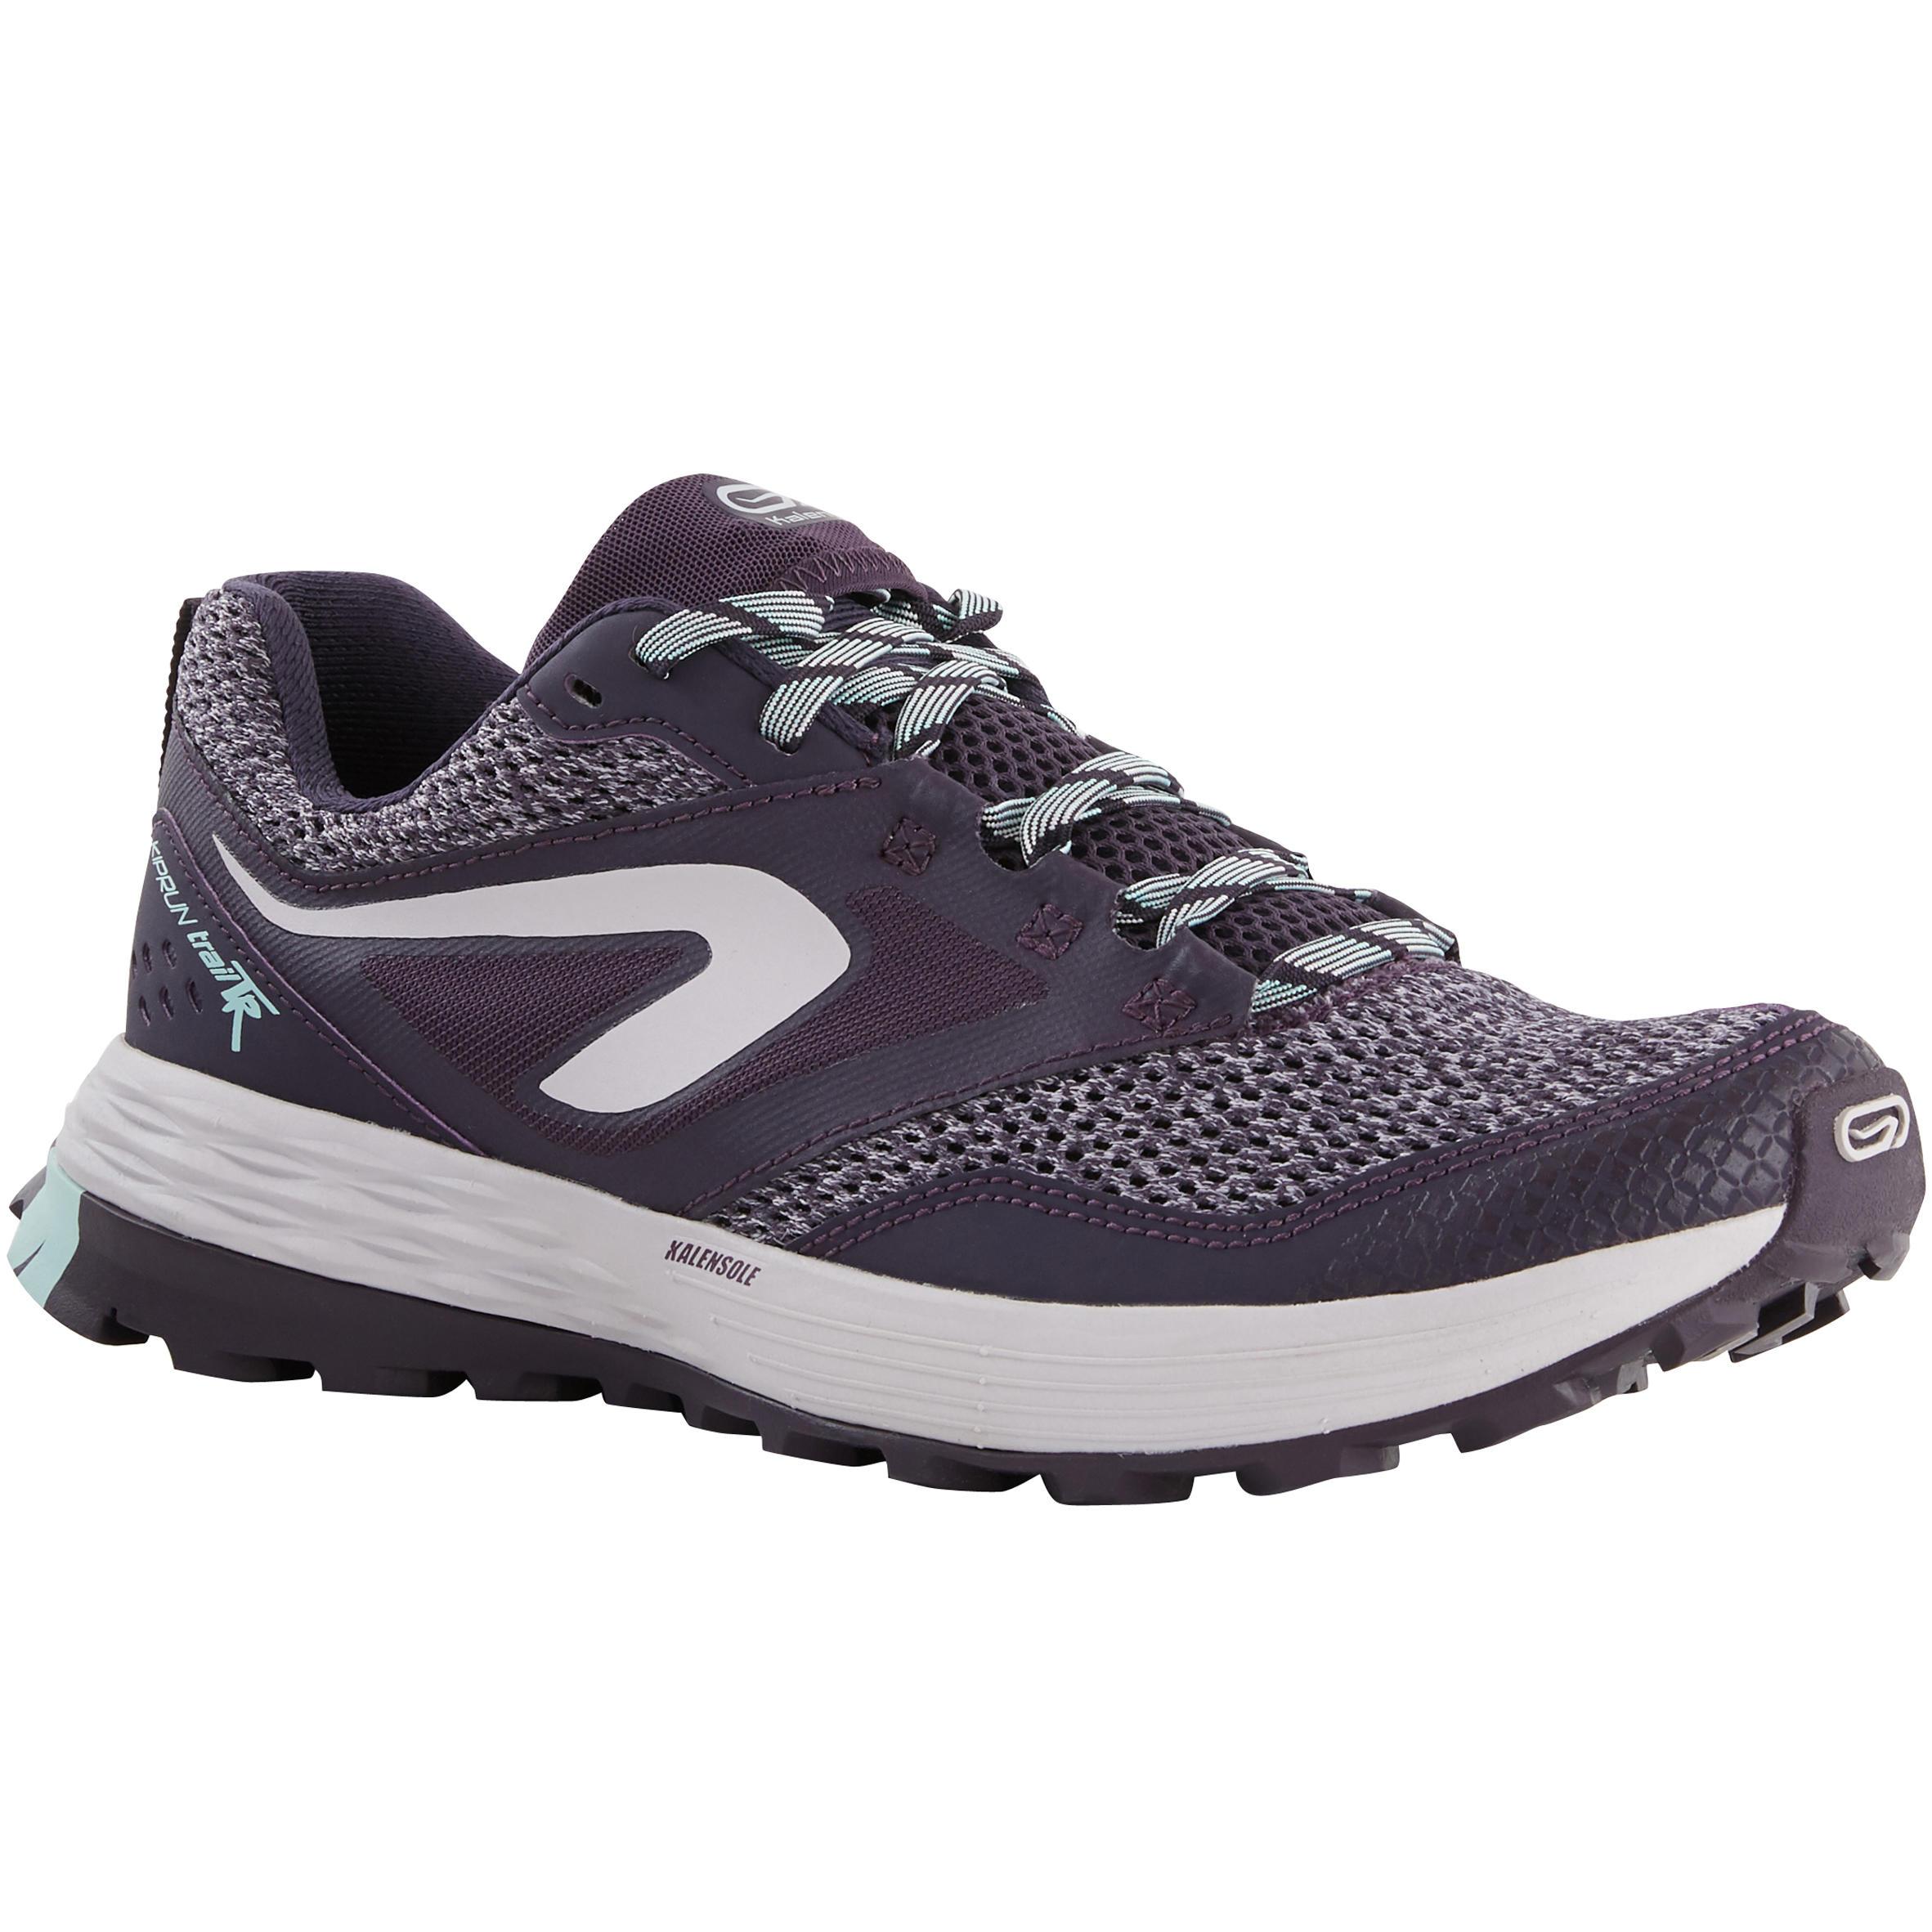 Kalenji Trailschoenen voor dames Kiprun MT paars/lila